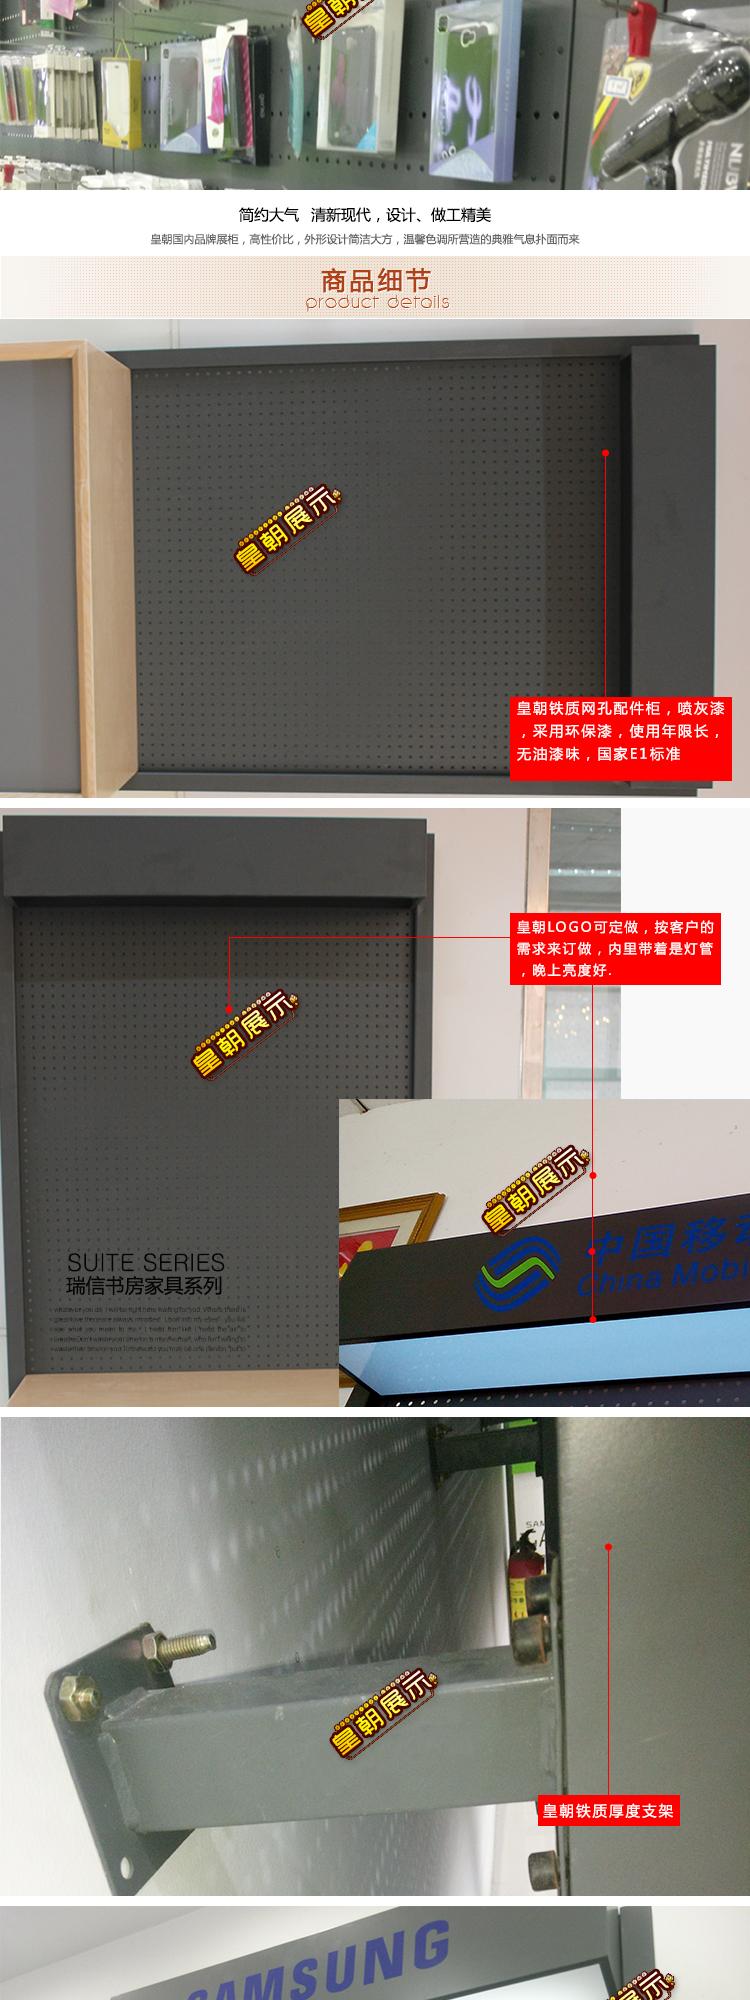 网孔配件柜的详情_02.jpg